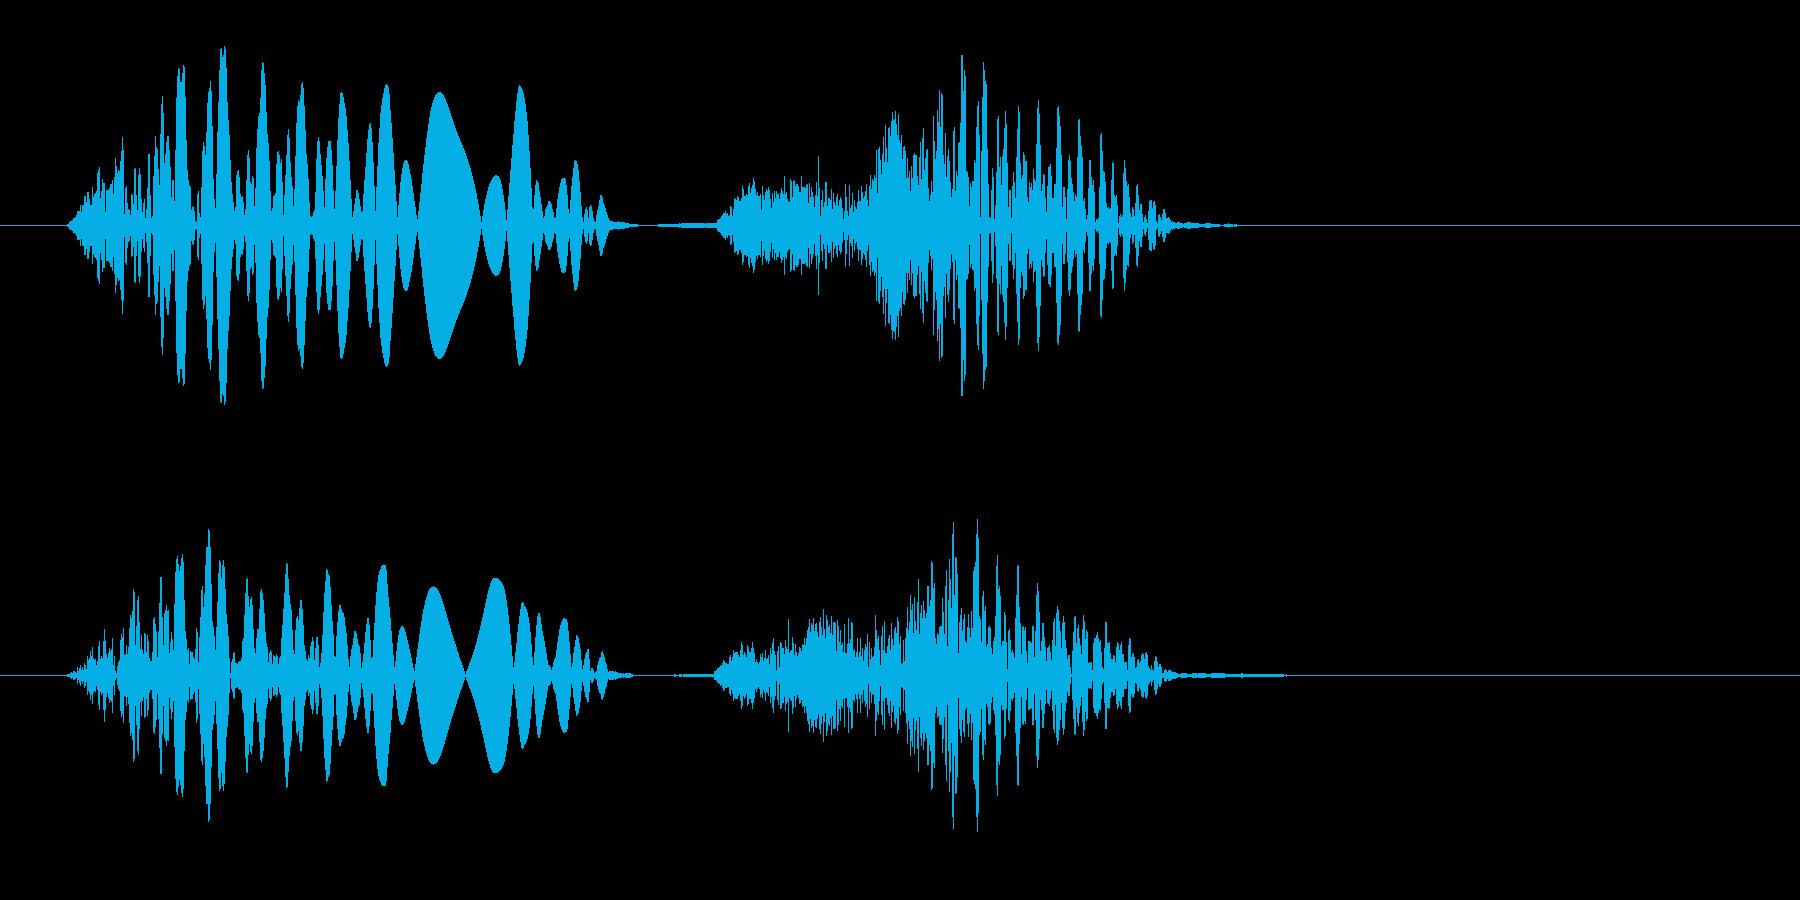 グチョ(何かを踏んだ時や潰れる効果音)の再生済みの波形